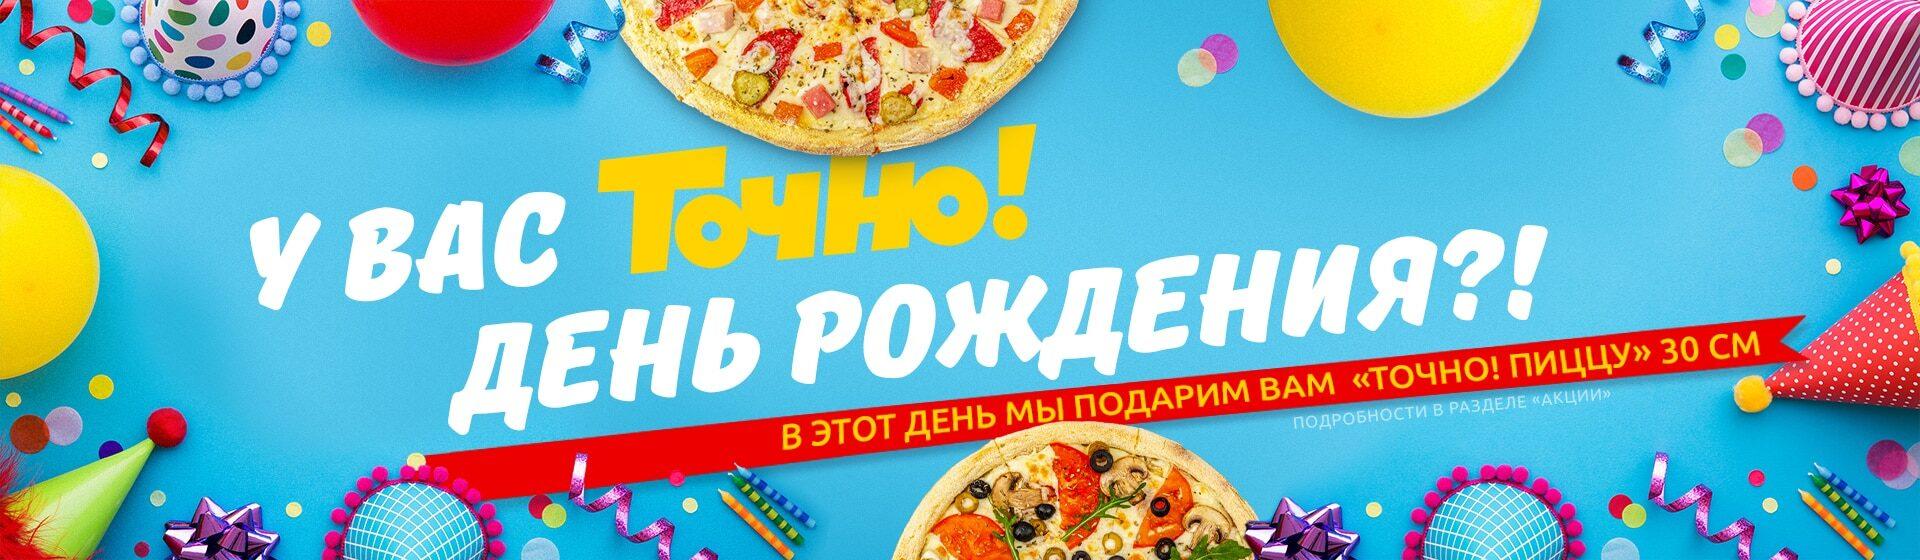 Точно пицца в Подарок на День Рождения